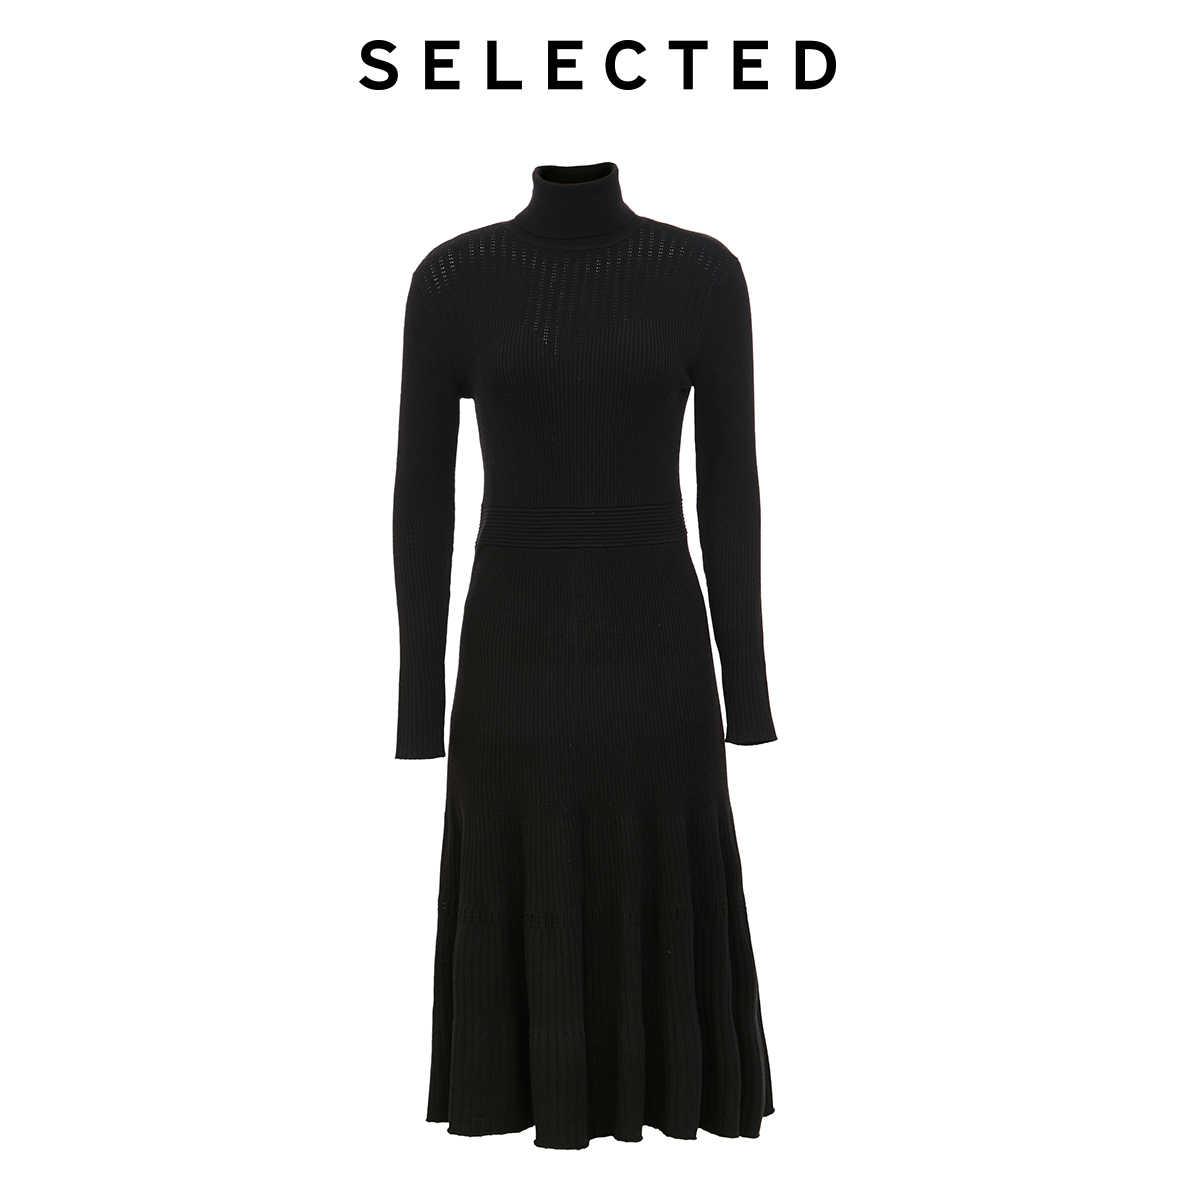 เลือกผู้หญิง SLIM FIT ร่มกลางความยาวชุดถัก S   419446505